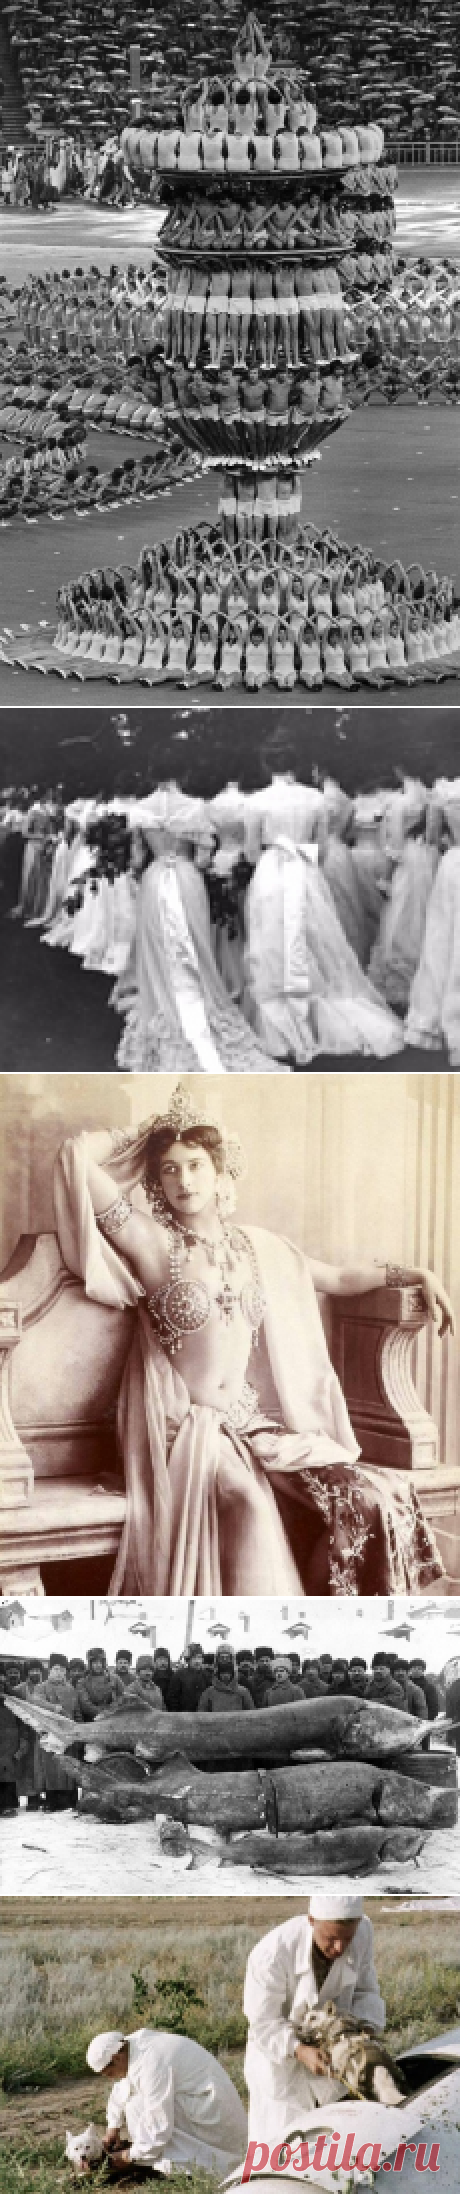 Исторические фото, которые открывают прошлое с новой стороны